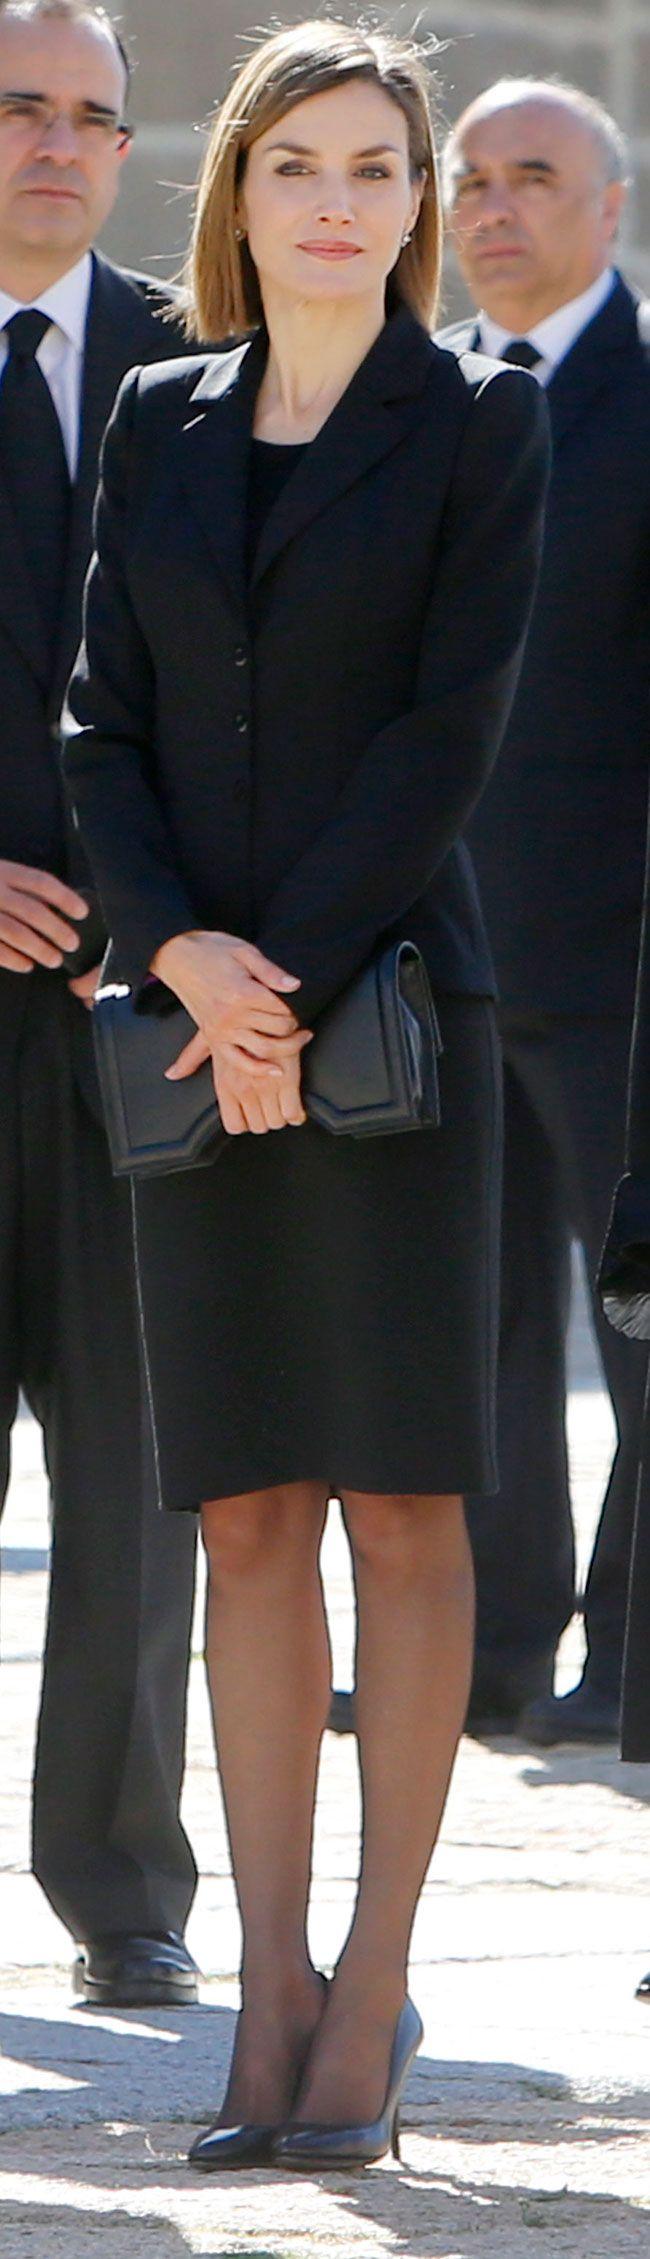 La Reina Letizia ha cumplido con el protocolo de luto riguroso en el funeral del infante Carlos de Borbón en El Escorial.